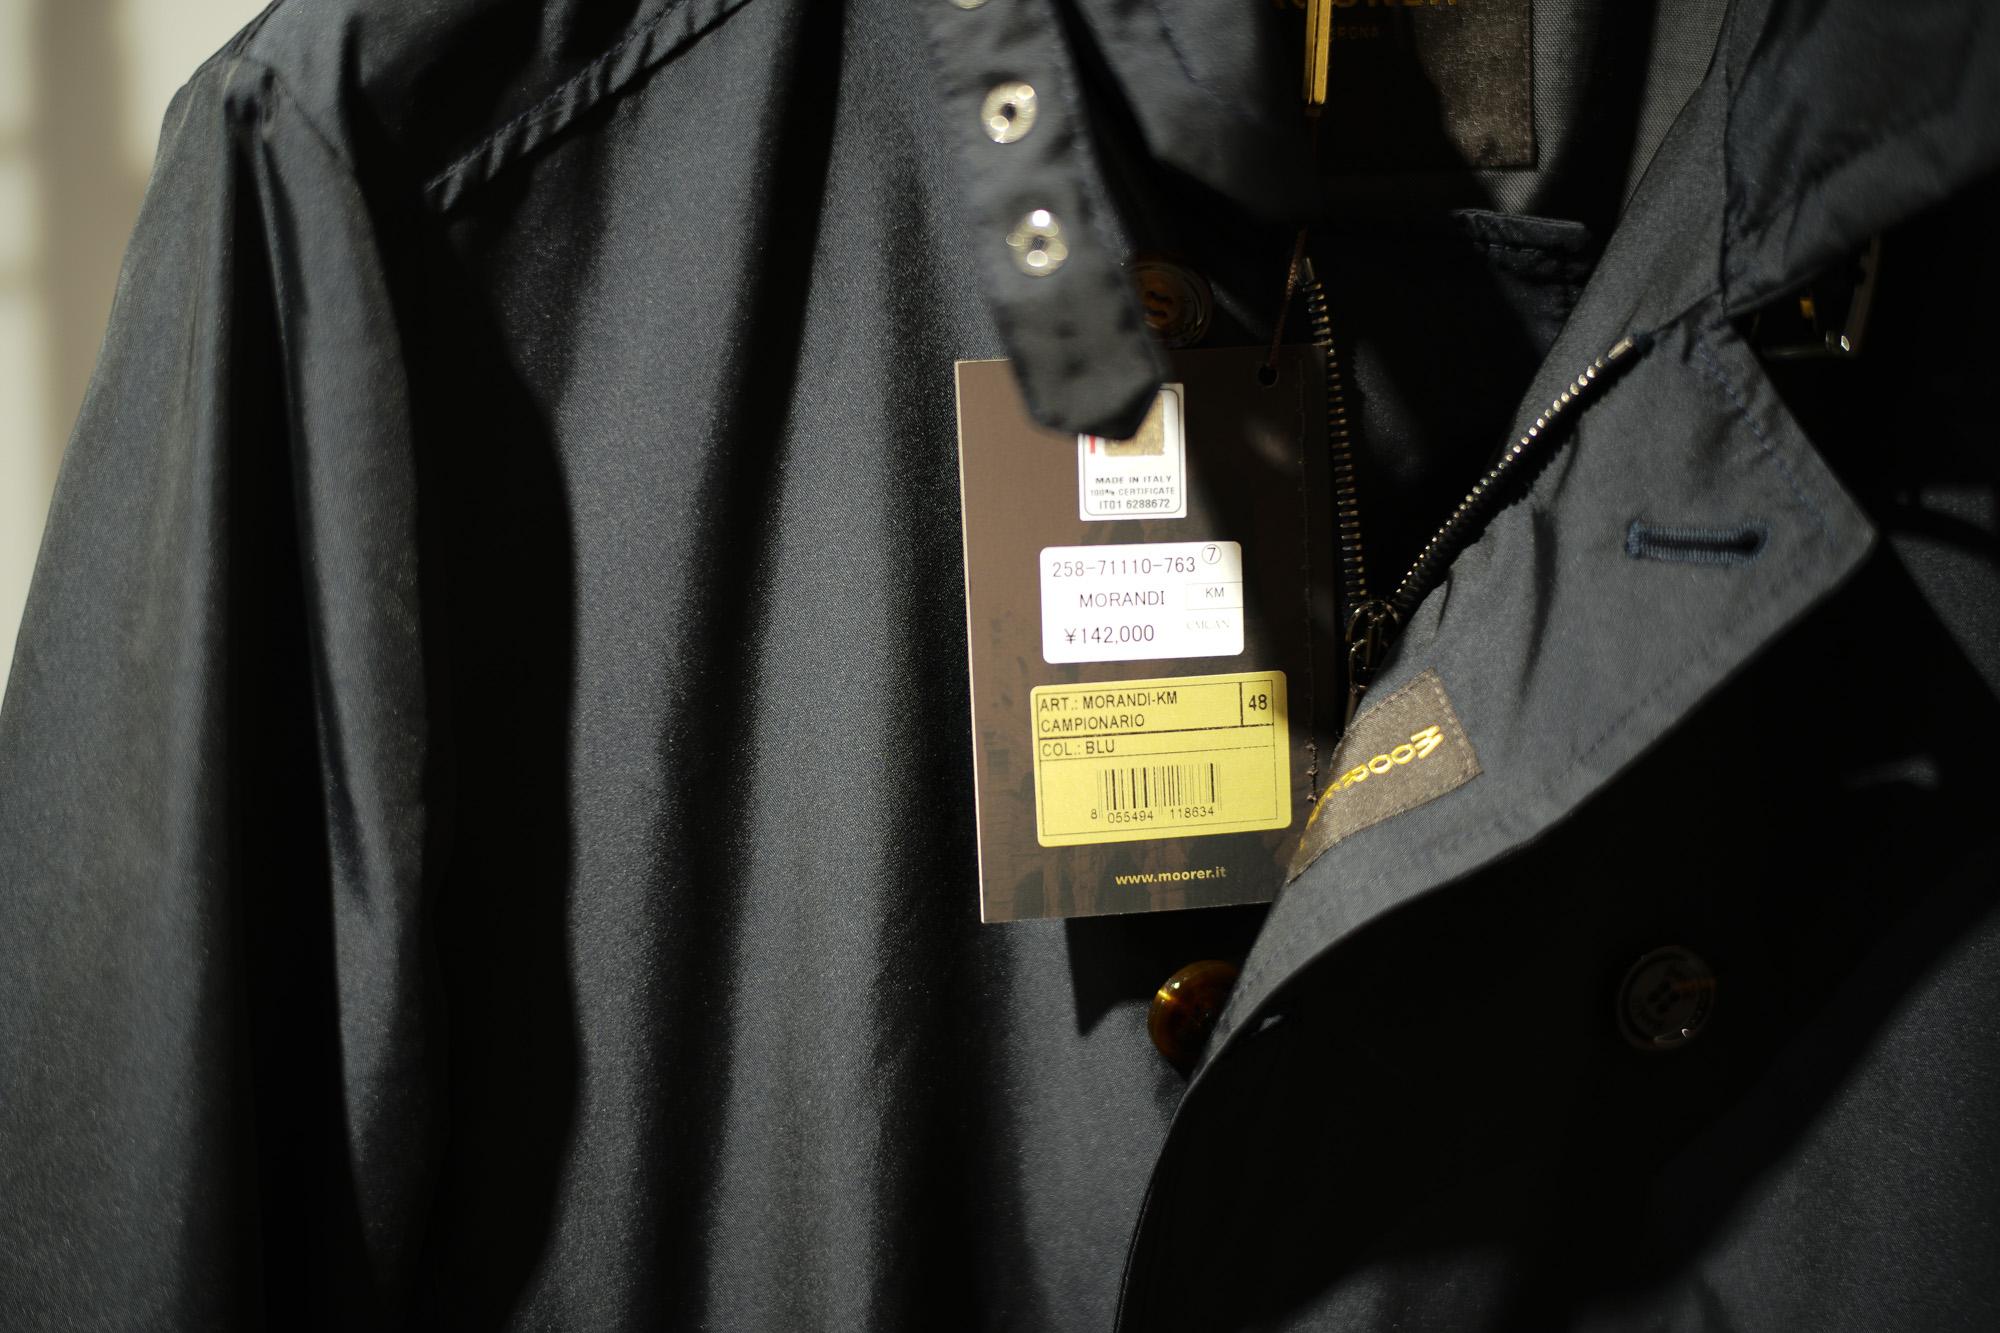 MOORER / ムーレー (2019 春夏 プレ展示会) 愛知 名古屋 Alto e Diritto アルト エ デリット Alto e Diritto アルトエデリット moorer ムーレー MORANDI NABUCCO GHIBERTI PORTO MANOLO CORELLI AXTEN DENNY CARLOS VANGI スプリングコート ダブルブレスト ロングコート ミディアムコート バルスター ブルゾン M65 レザージャケット ウール カシミア ナイロン ムートン